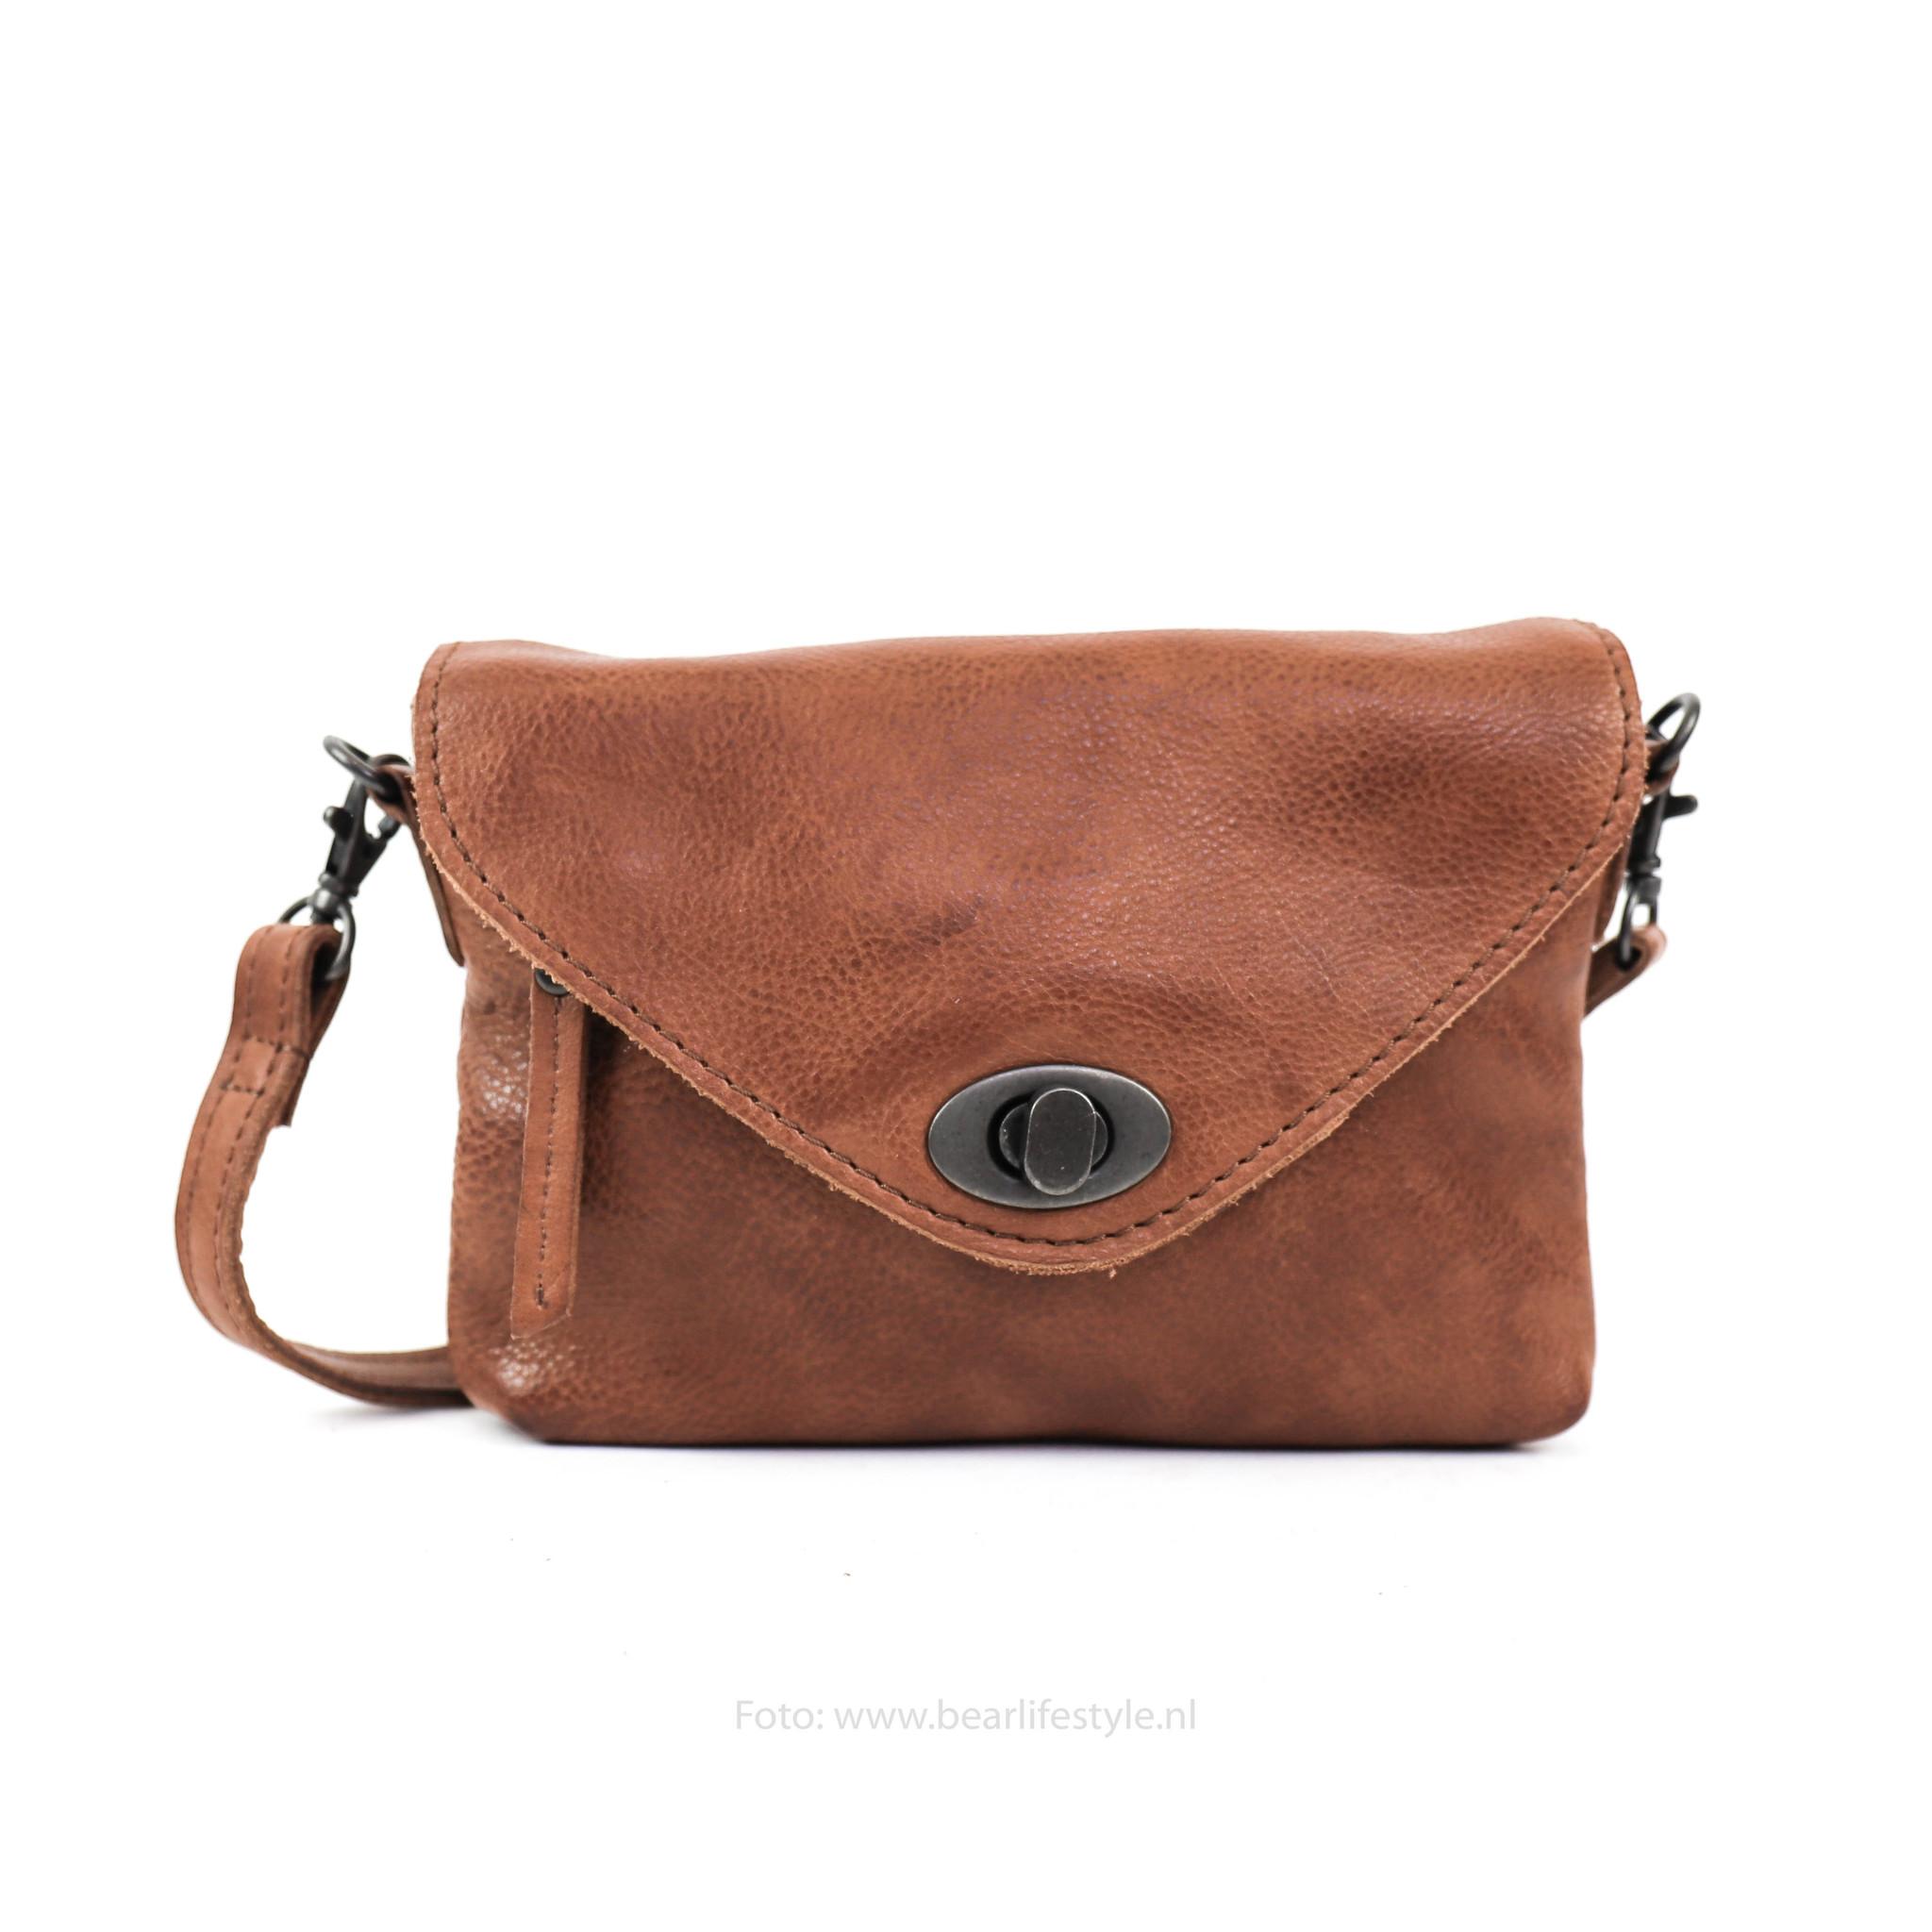 Online-Verkauf Verkaufsförderung letzte Veröffentlichung Bear Design Kleine Tasche 'Amber' CP 1676 Cognac